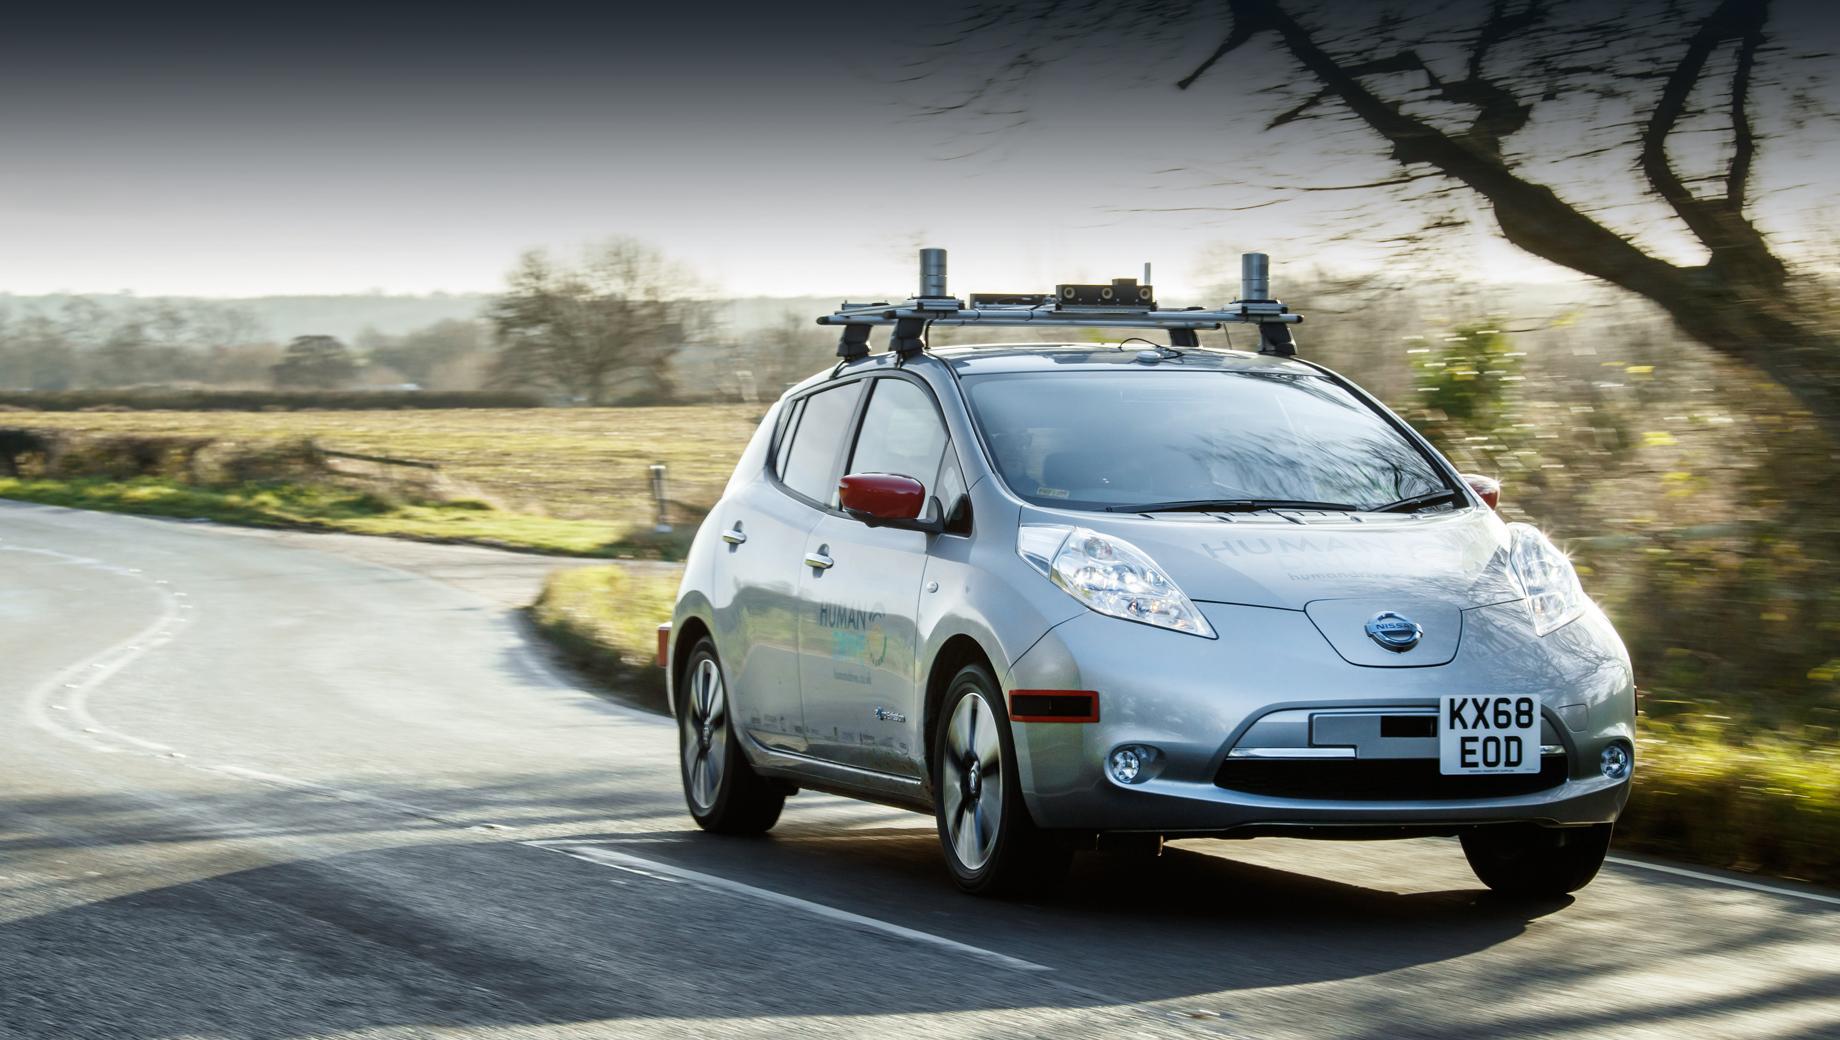 Nissan leaf. В проекте принимает участие европейское отделение Ниссана, центр «подключённых» и автономных машин (CCAV), компания Hitachi, университеты Лидса и Крэнфилда, а ещё опыт поддерживает британское правительство в лице технологического агентства Innovate UK.